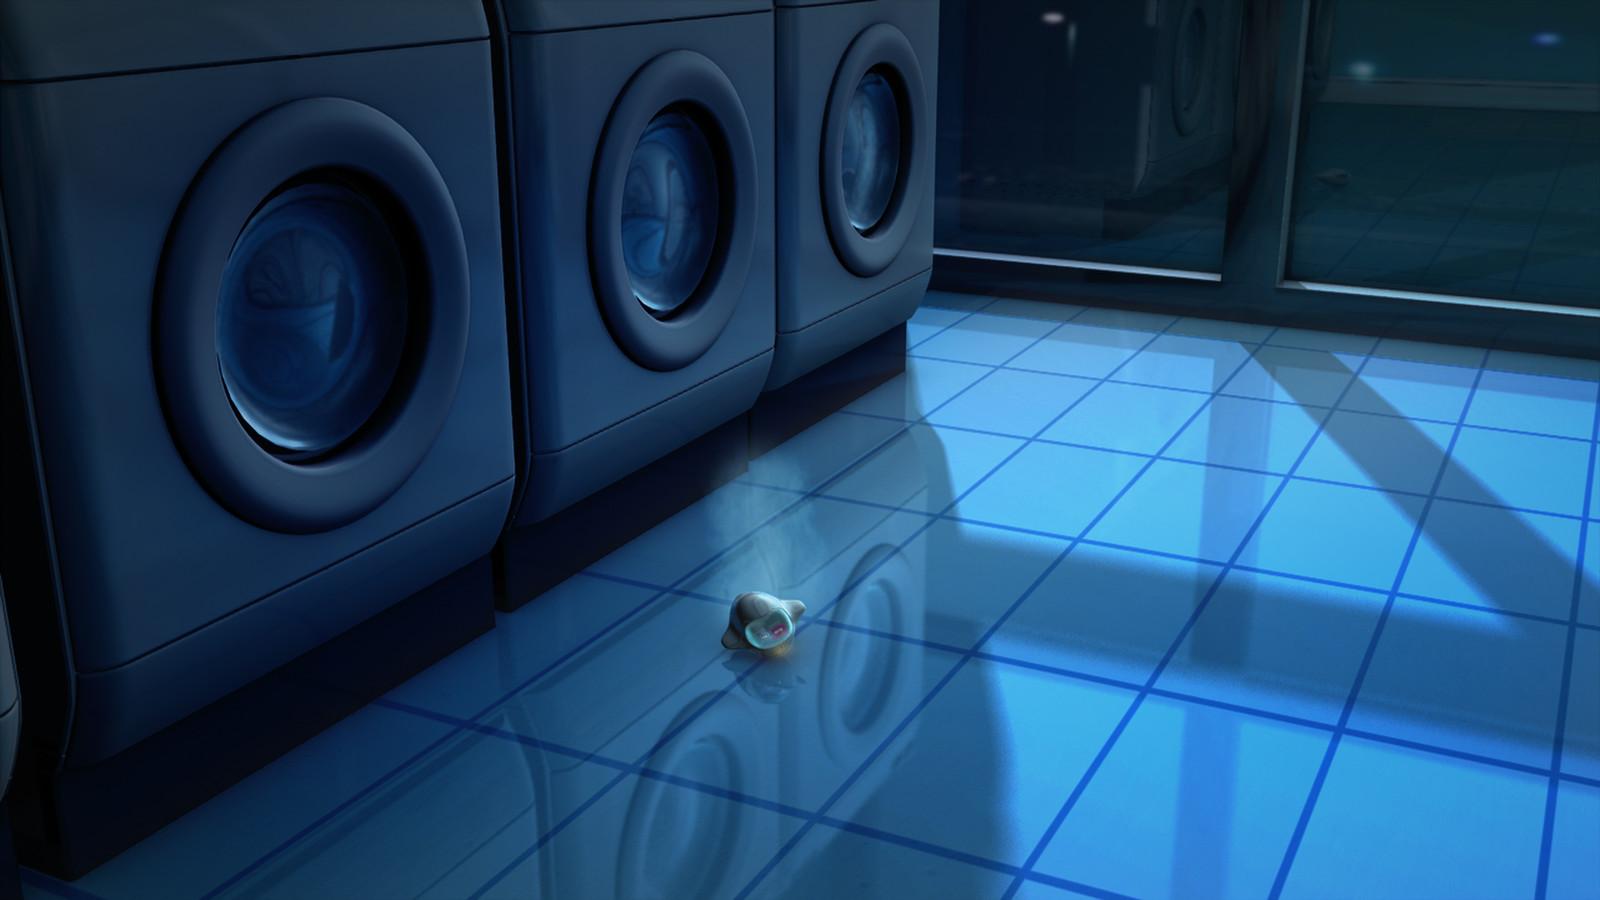 Laundry Monsters - still